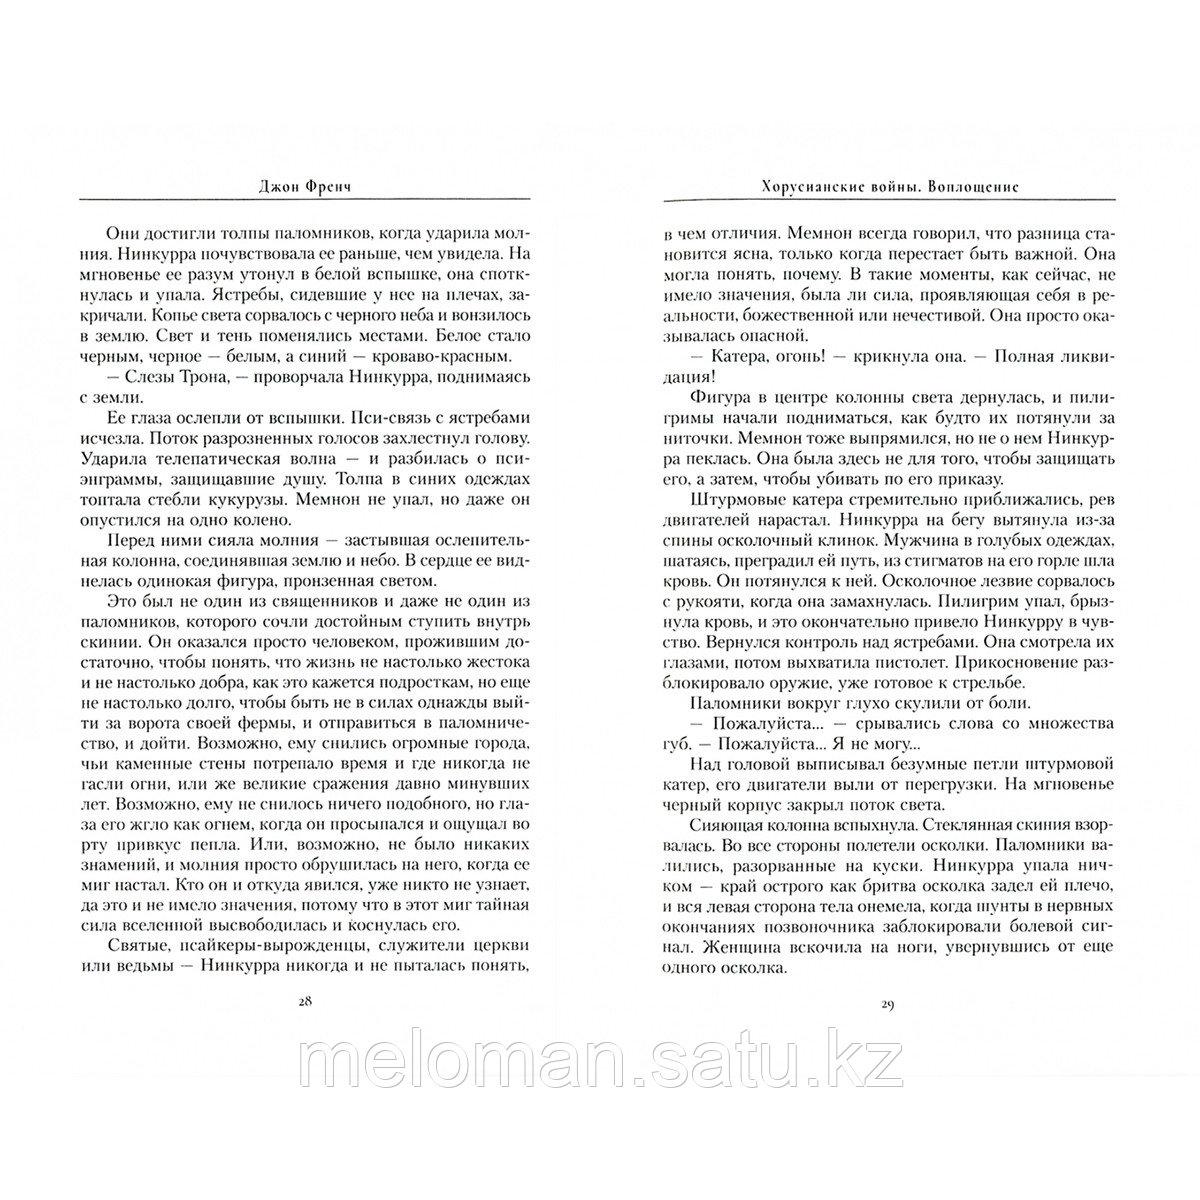 Френч Дж.: Хорусианские войны. Воплощение - фото 8